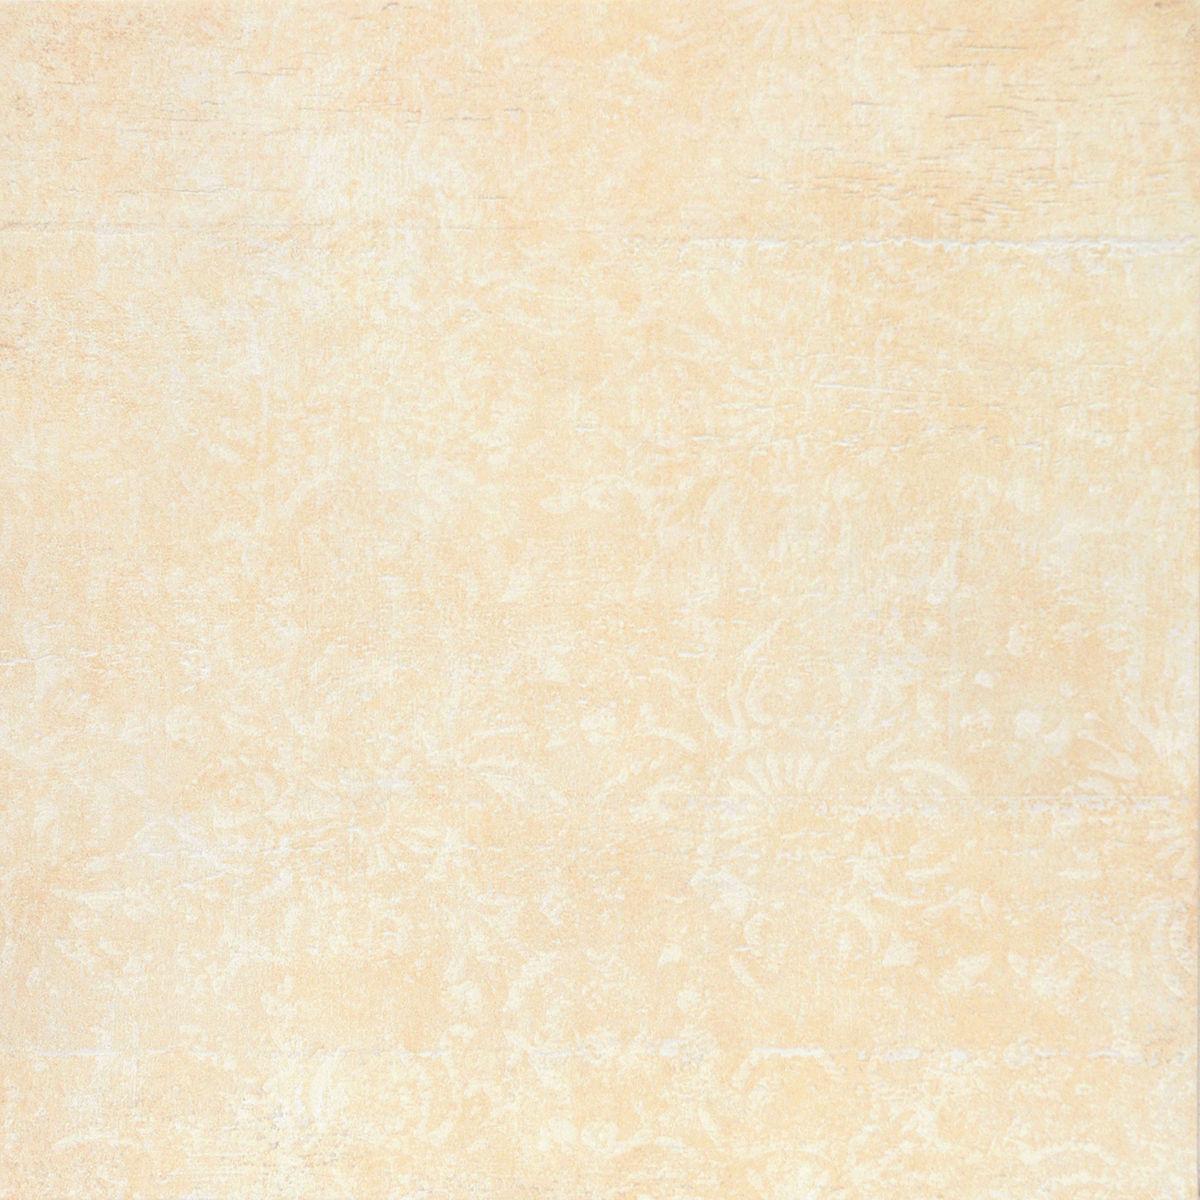 Декор Cemento Beige 45x45 (zwxf3d) изображение 0